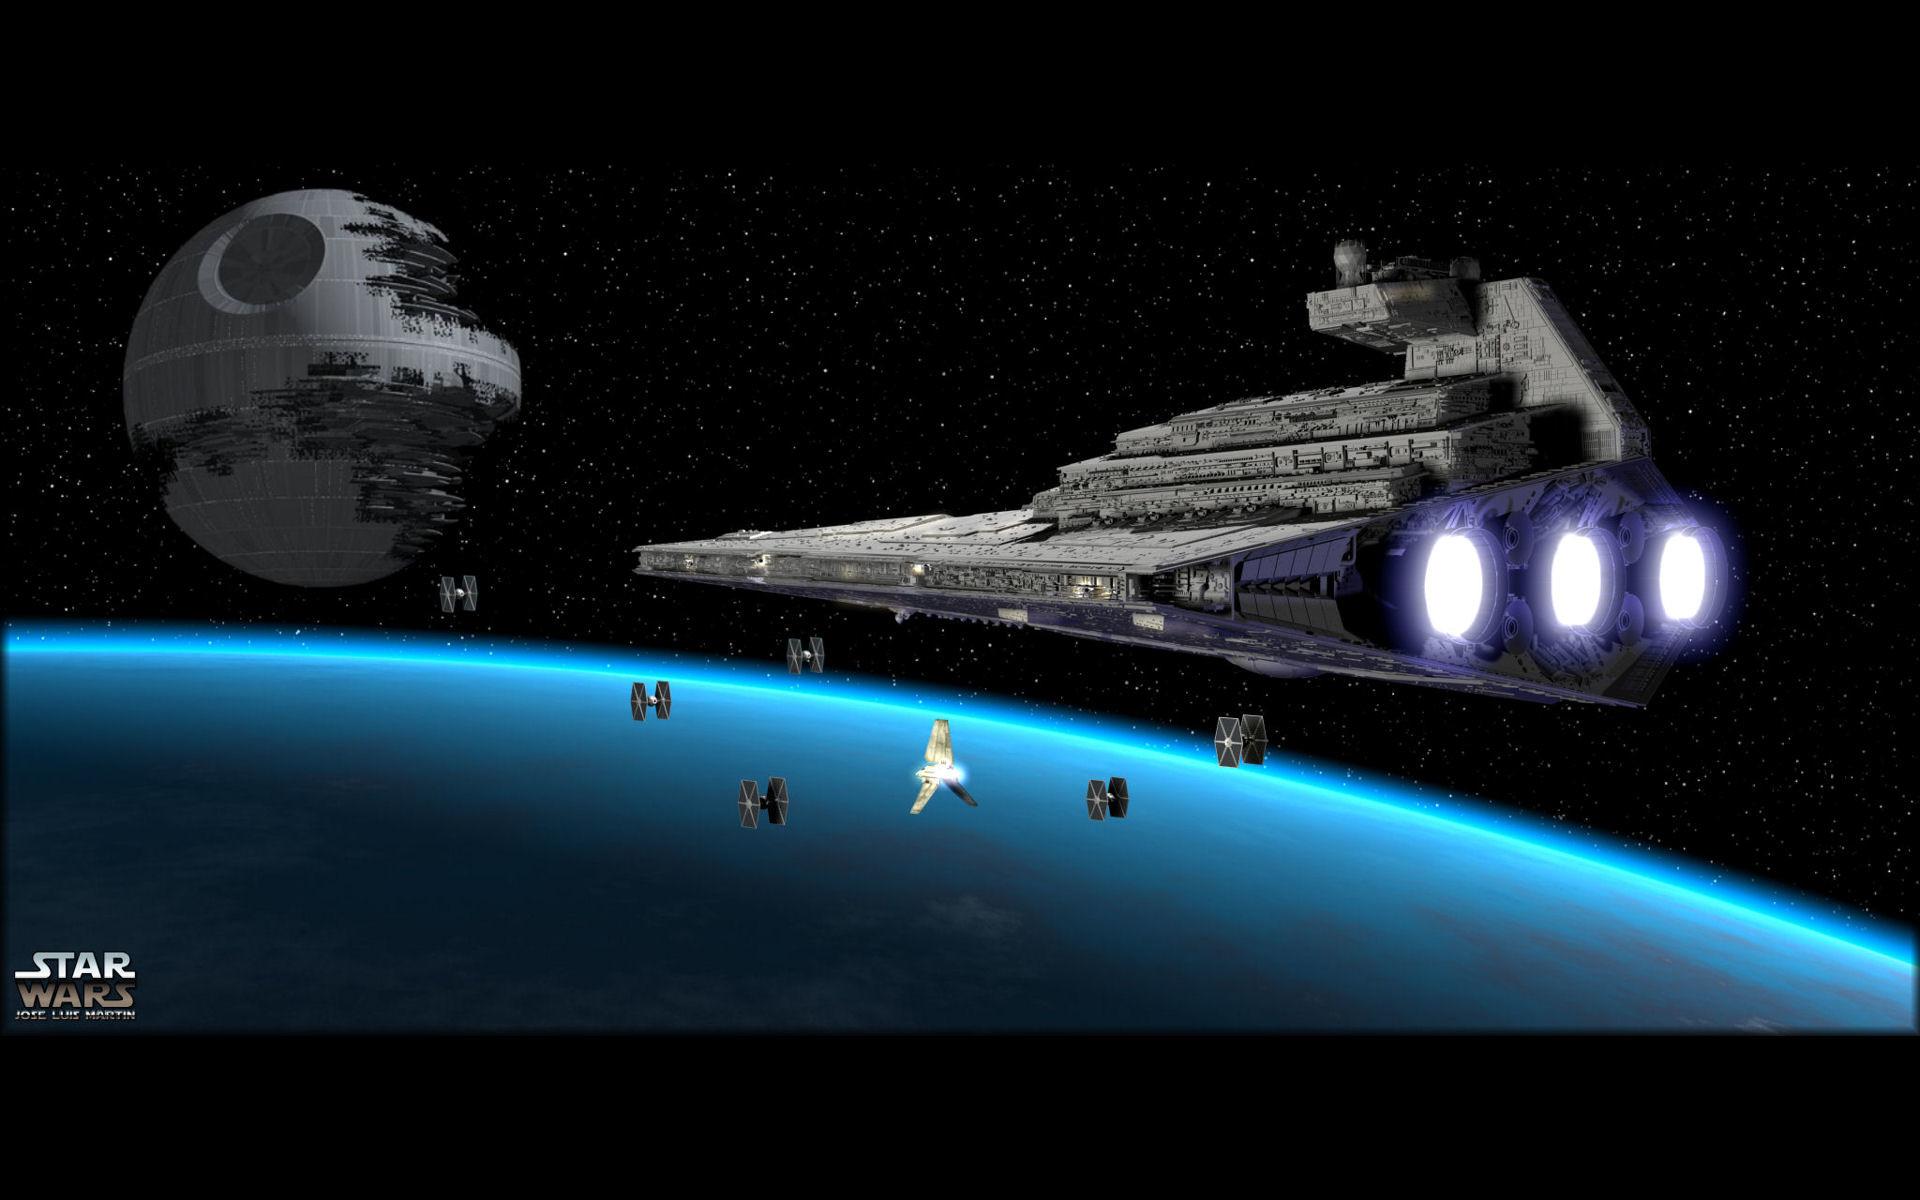 star wars desktop wallpapers